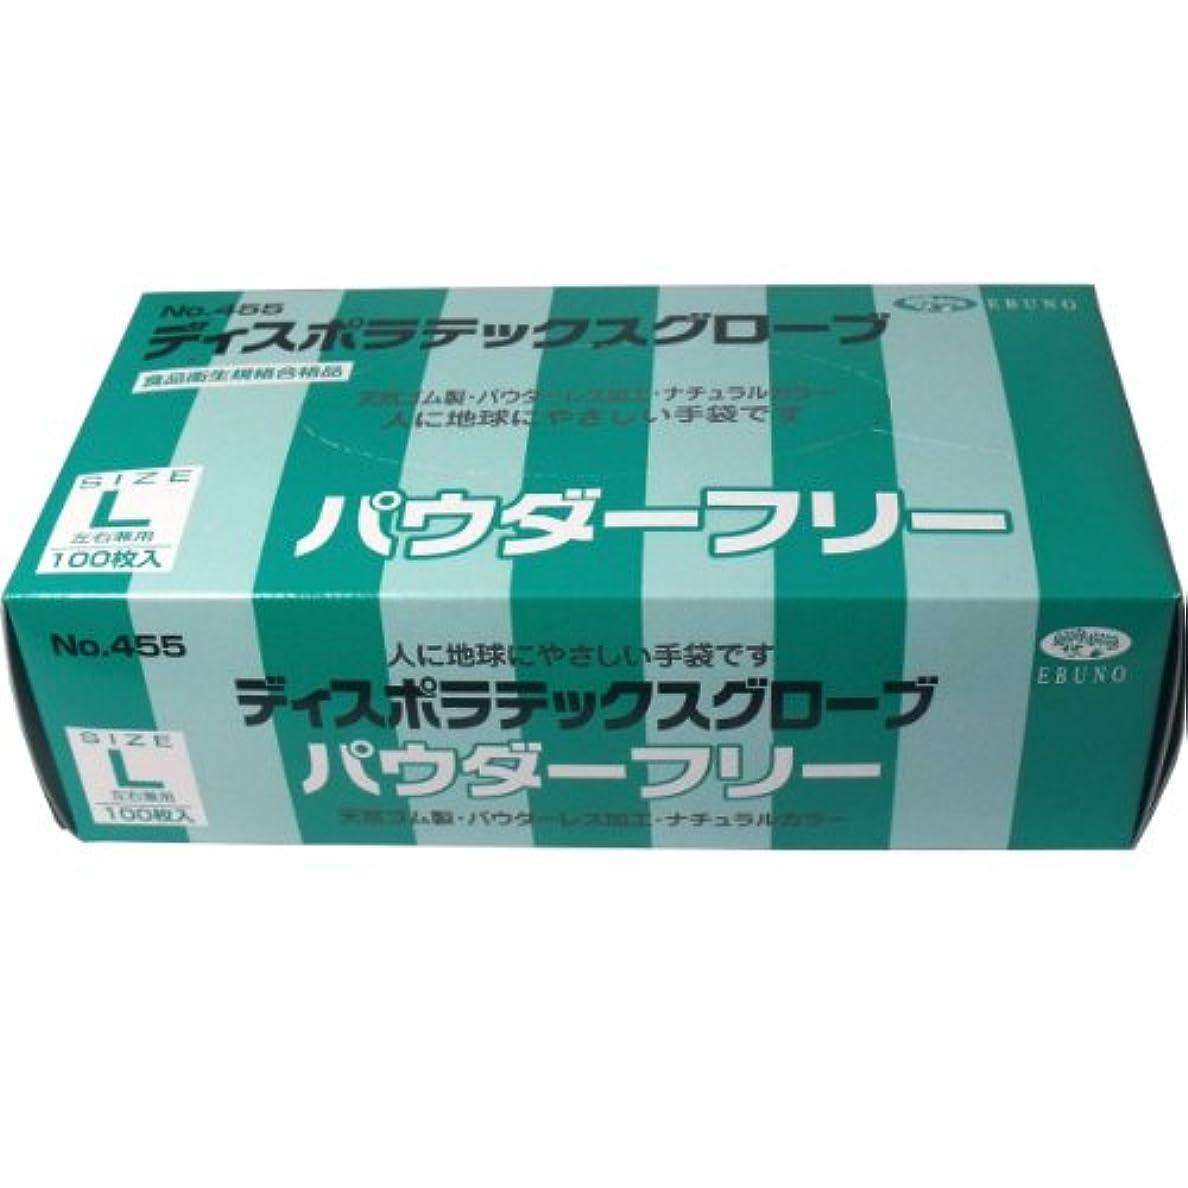 褒賞助言服を洗うディスポ ラテックスグローブ(天然ゴム手袋) パウダーフリー Lサイズ 100枚入 ×5個セット